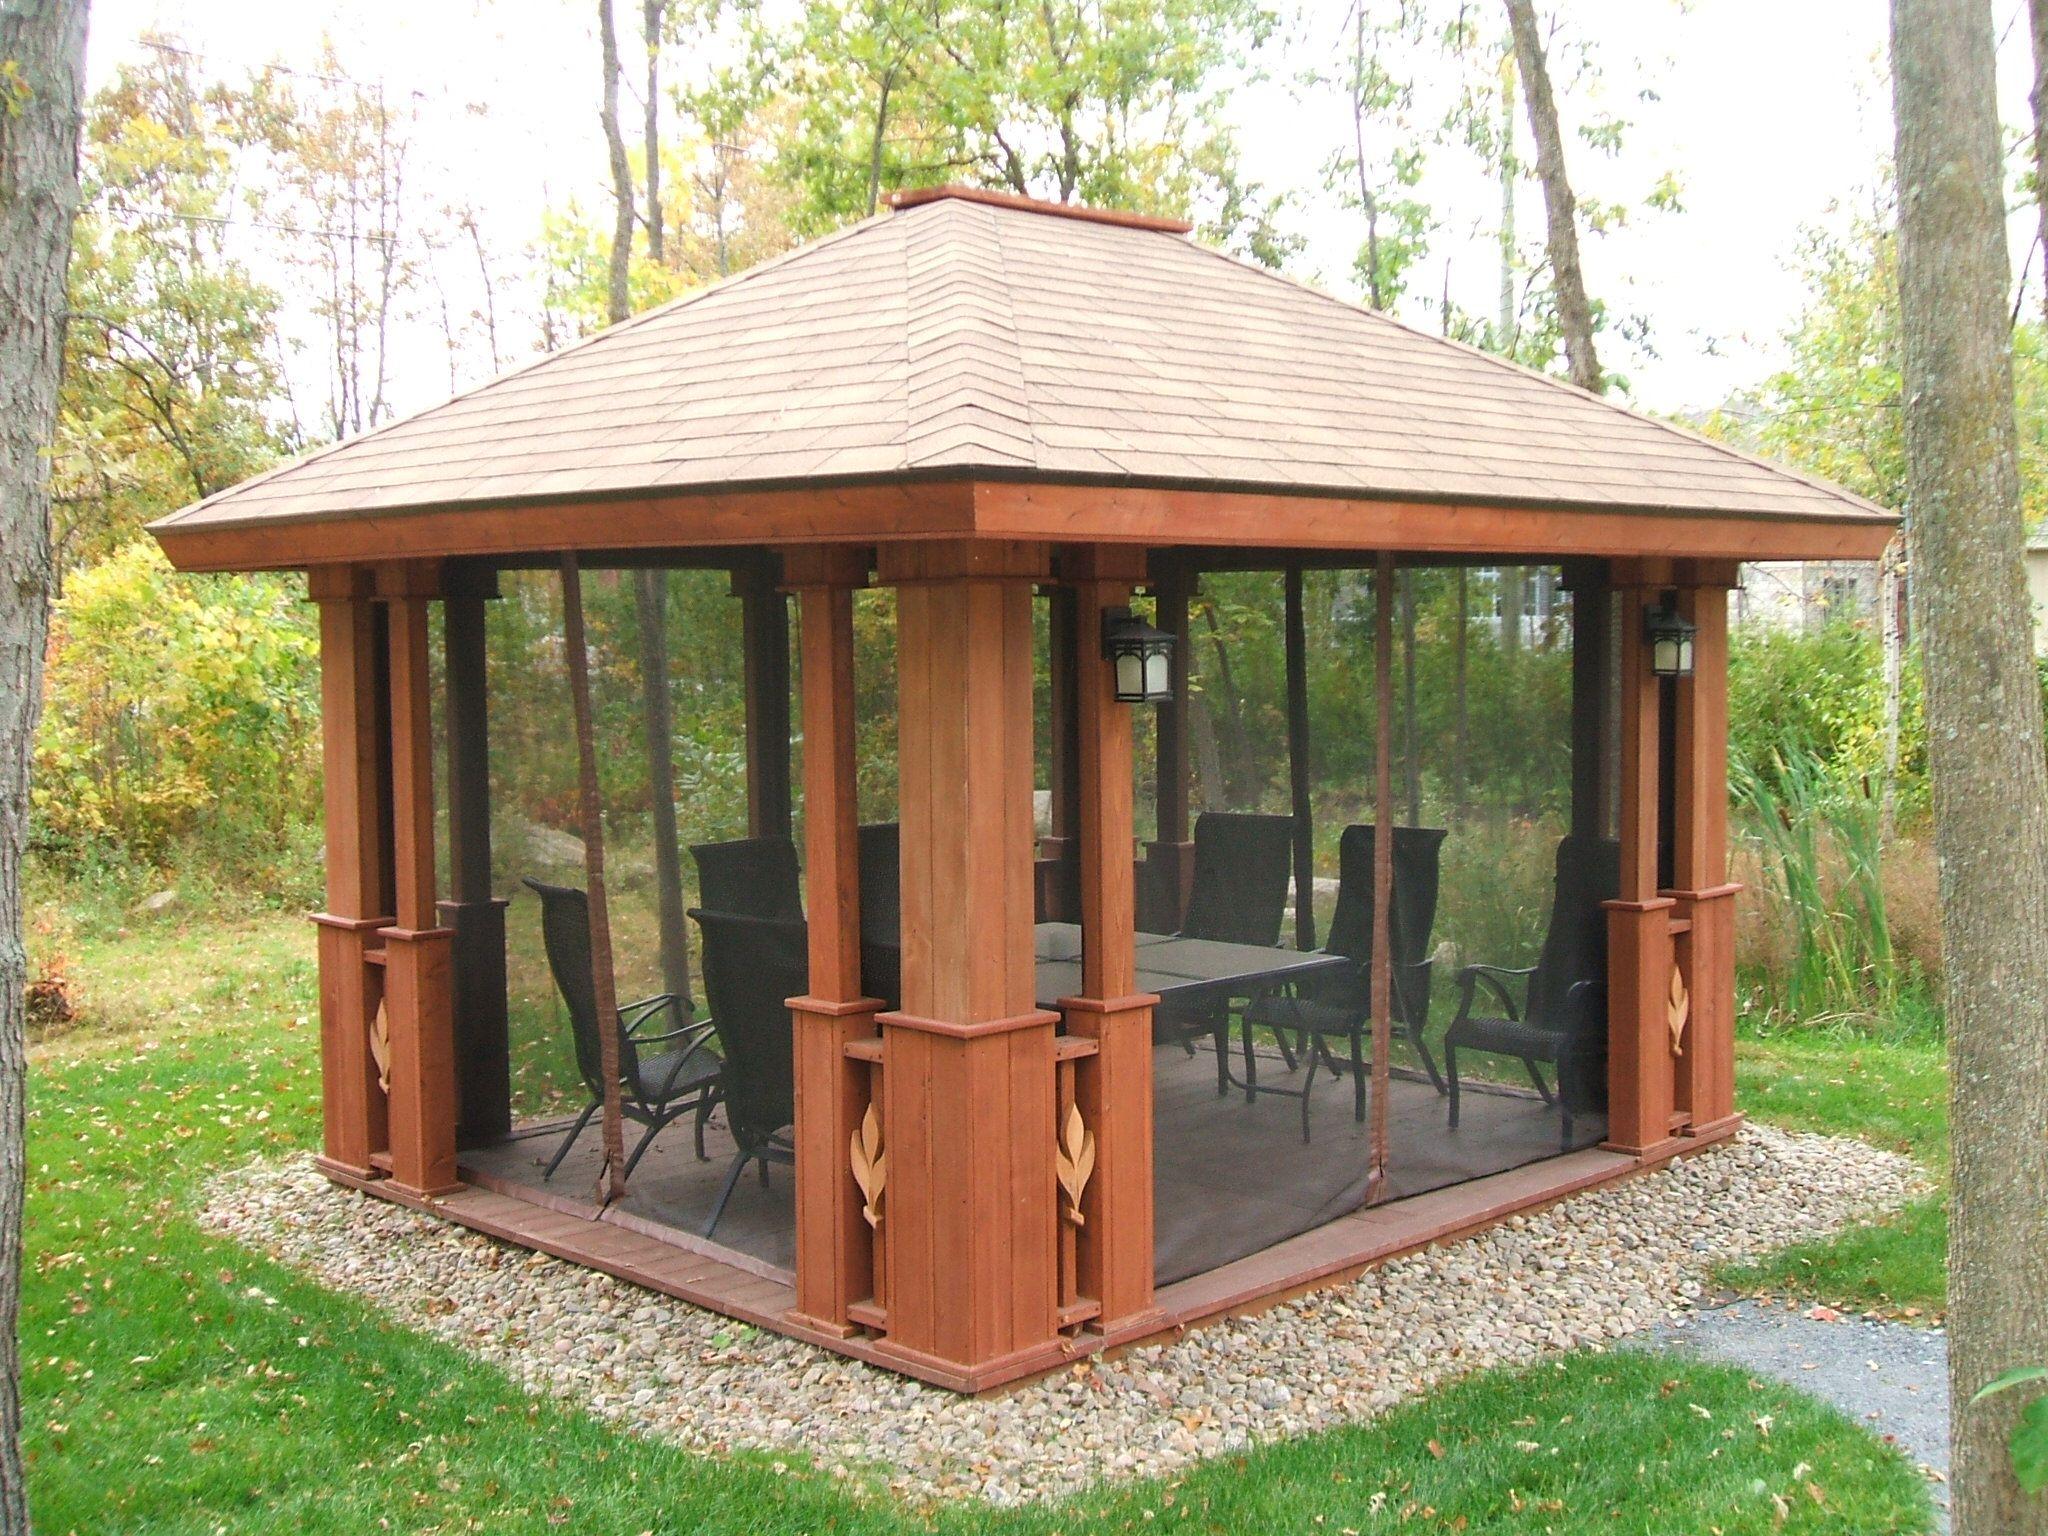 Patio Avec Moustiquaire - Recherche Google | Gazebo Bois avec Kiosque De Jardin